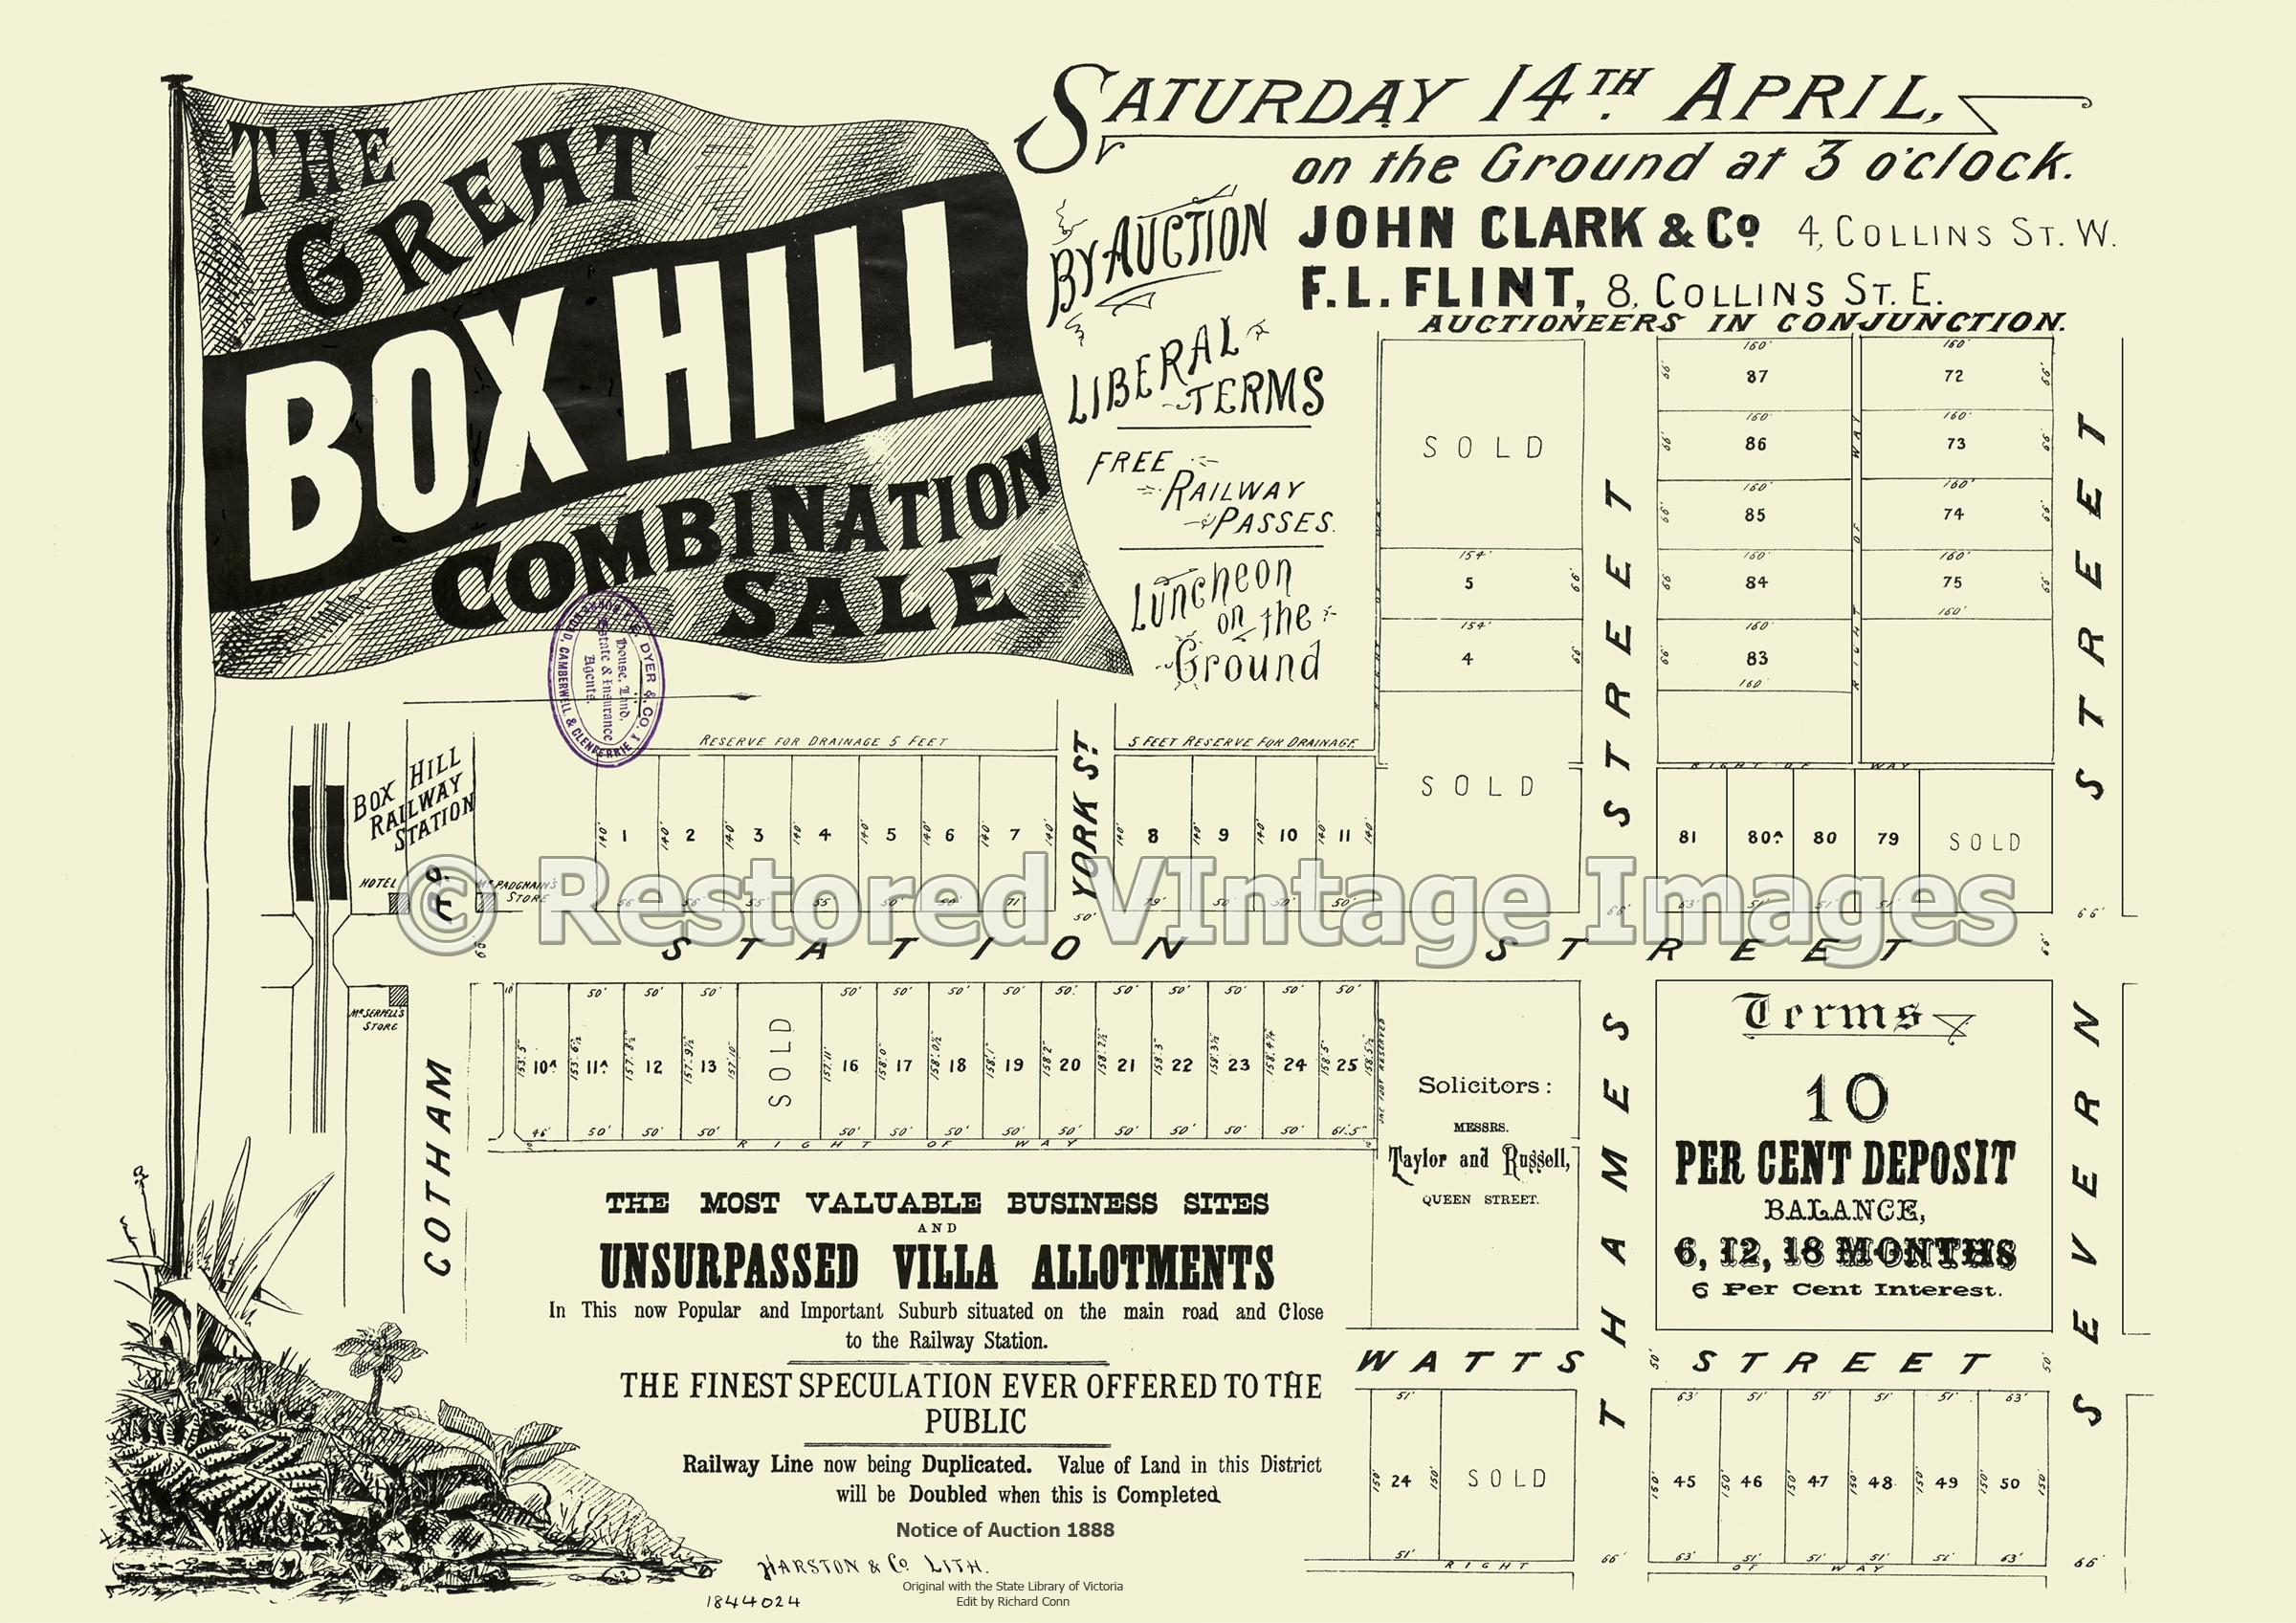 The Great Box Hill Combination Sale 14th April 1888 – Box Hill